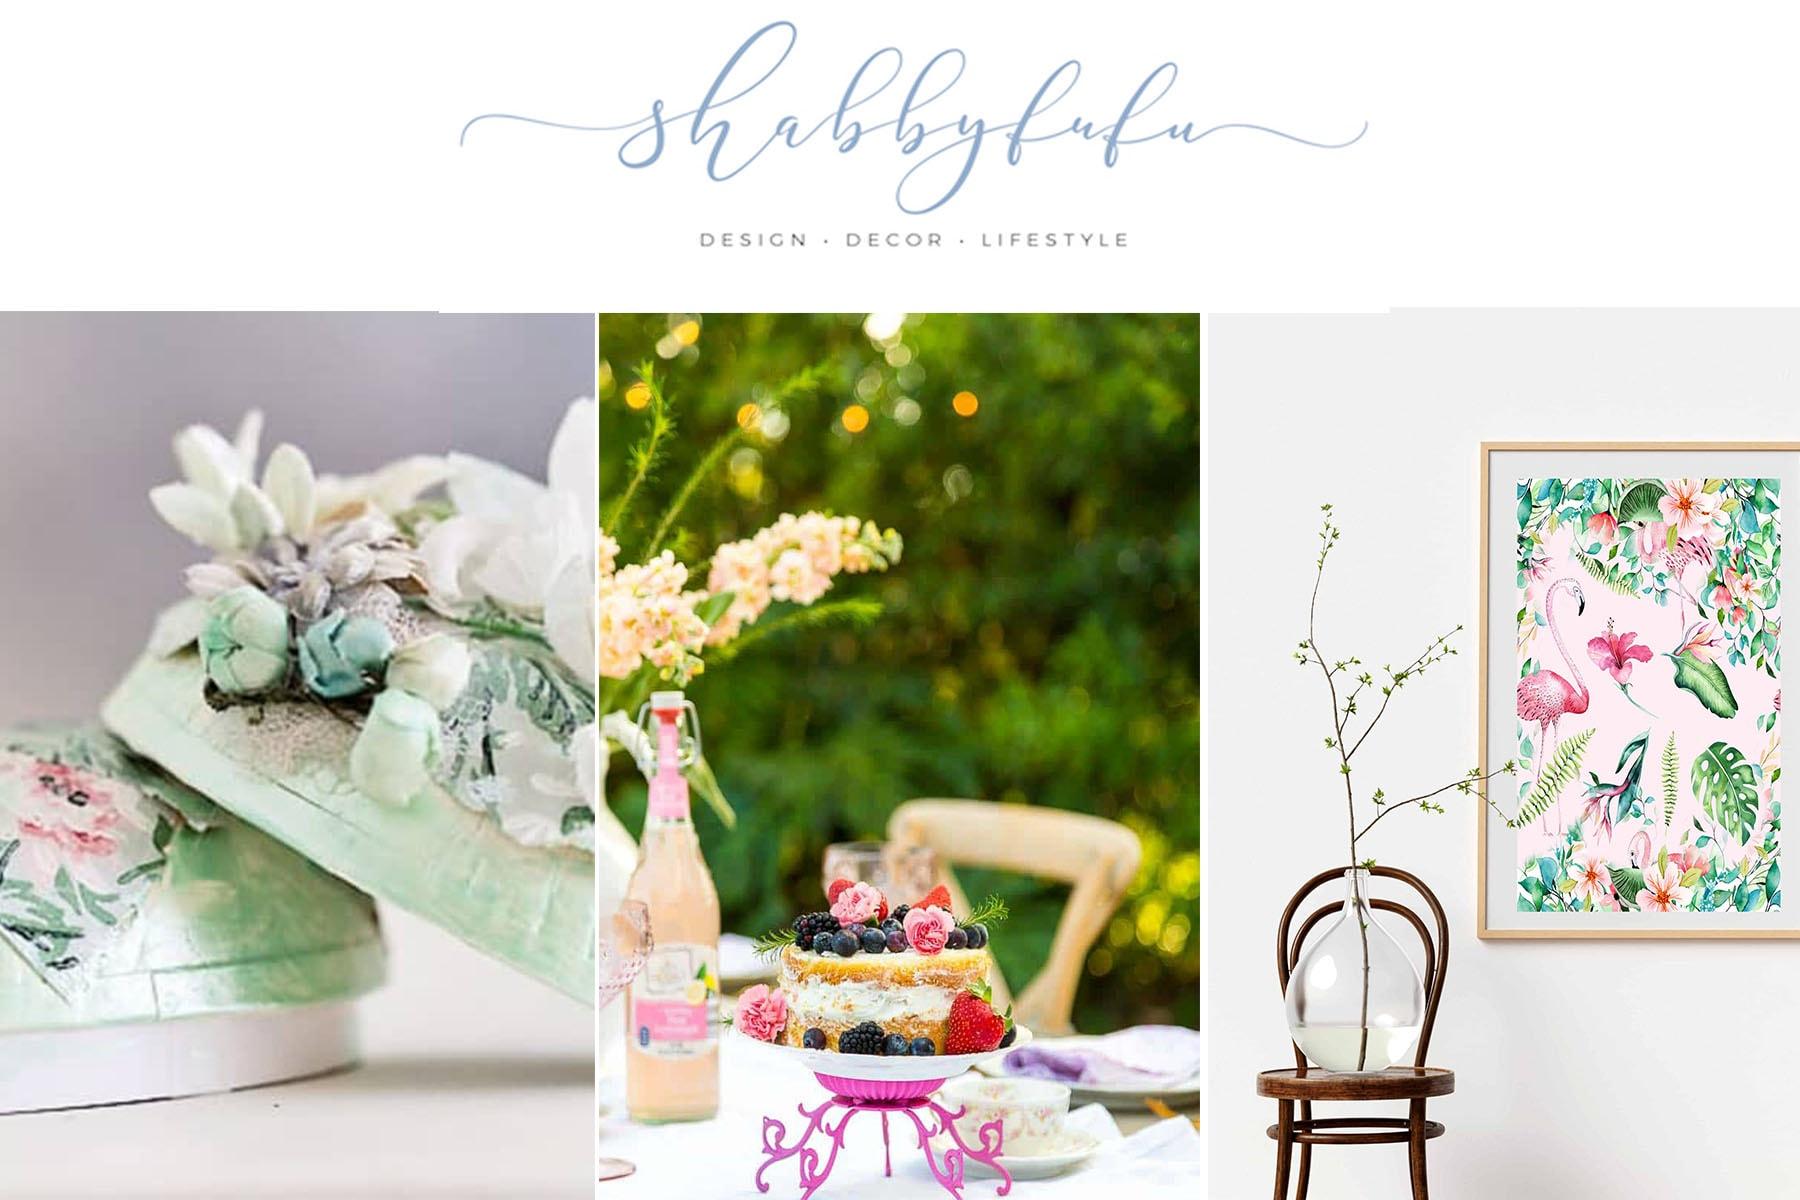 Style Showcase 75 Shabbyfufu